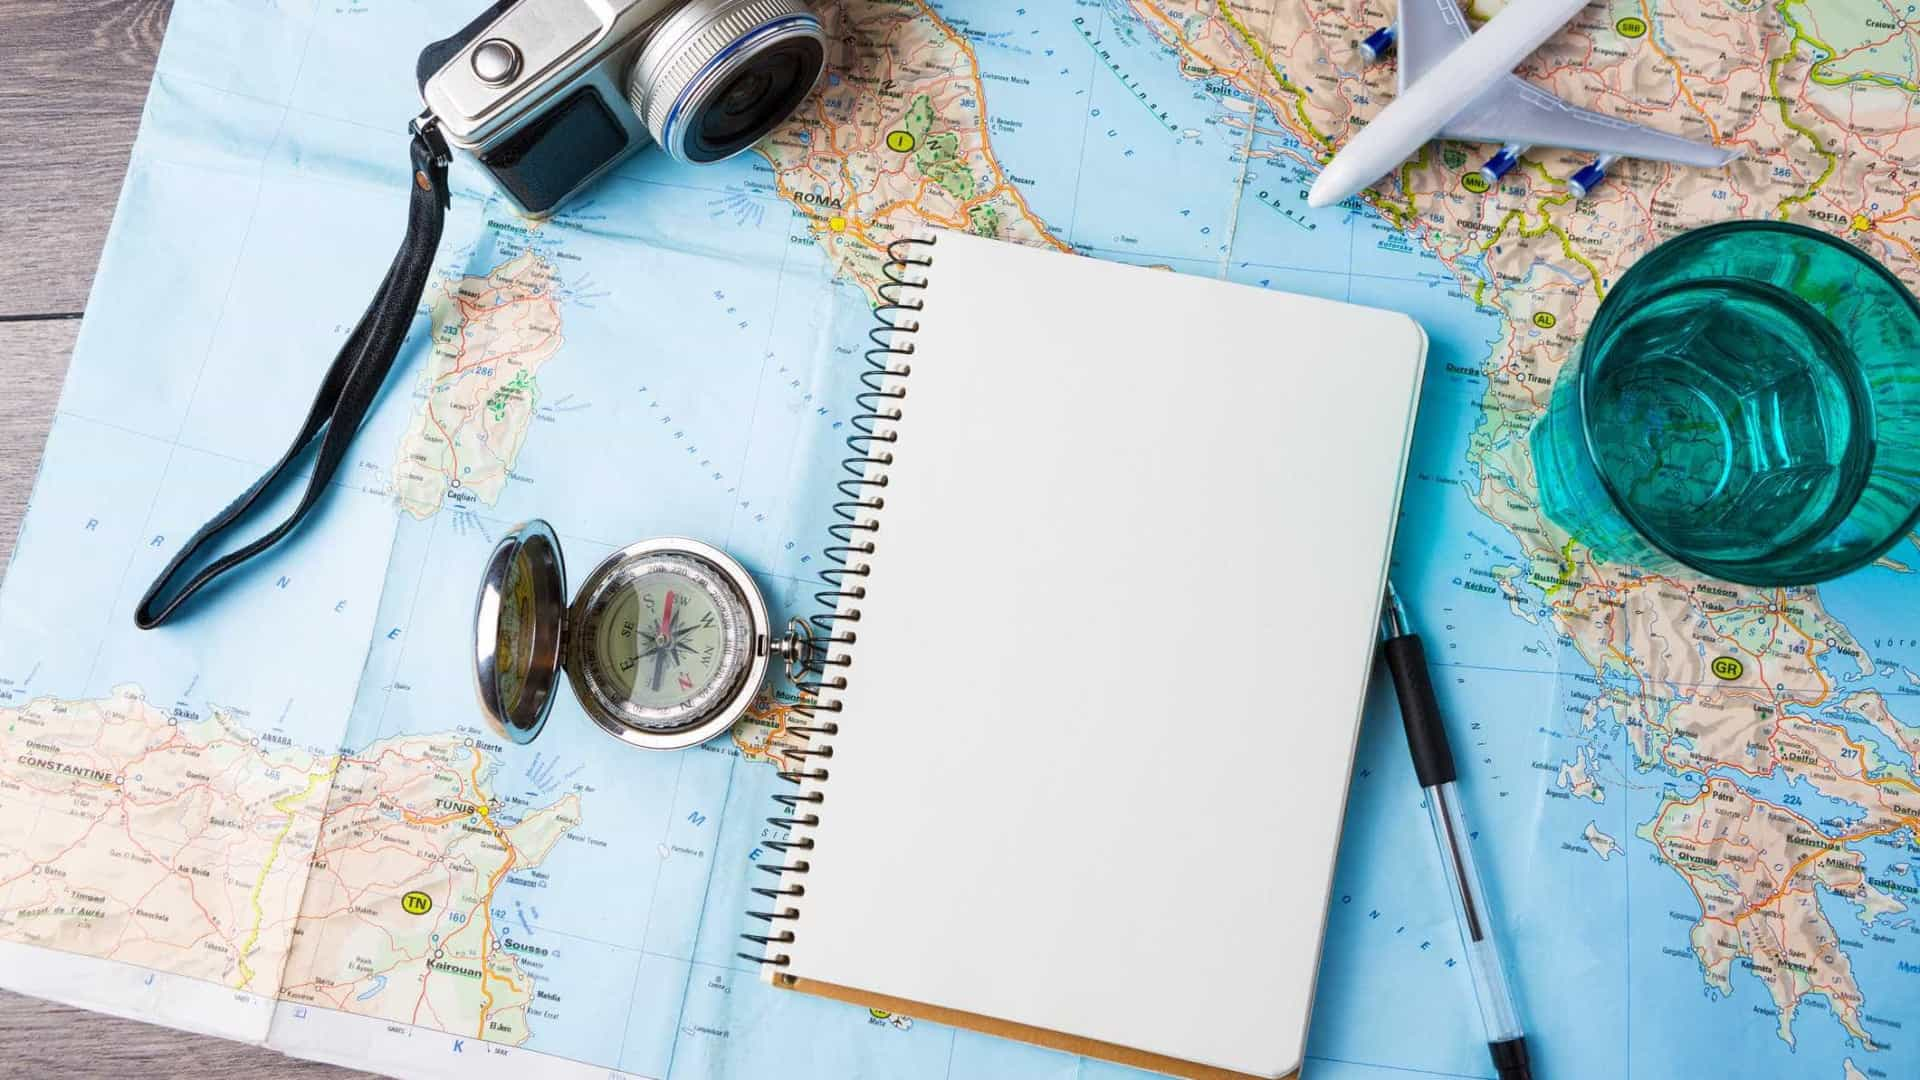 Decreto que transpõe nova lei das agências de viagens em vigor em julho